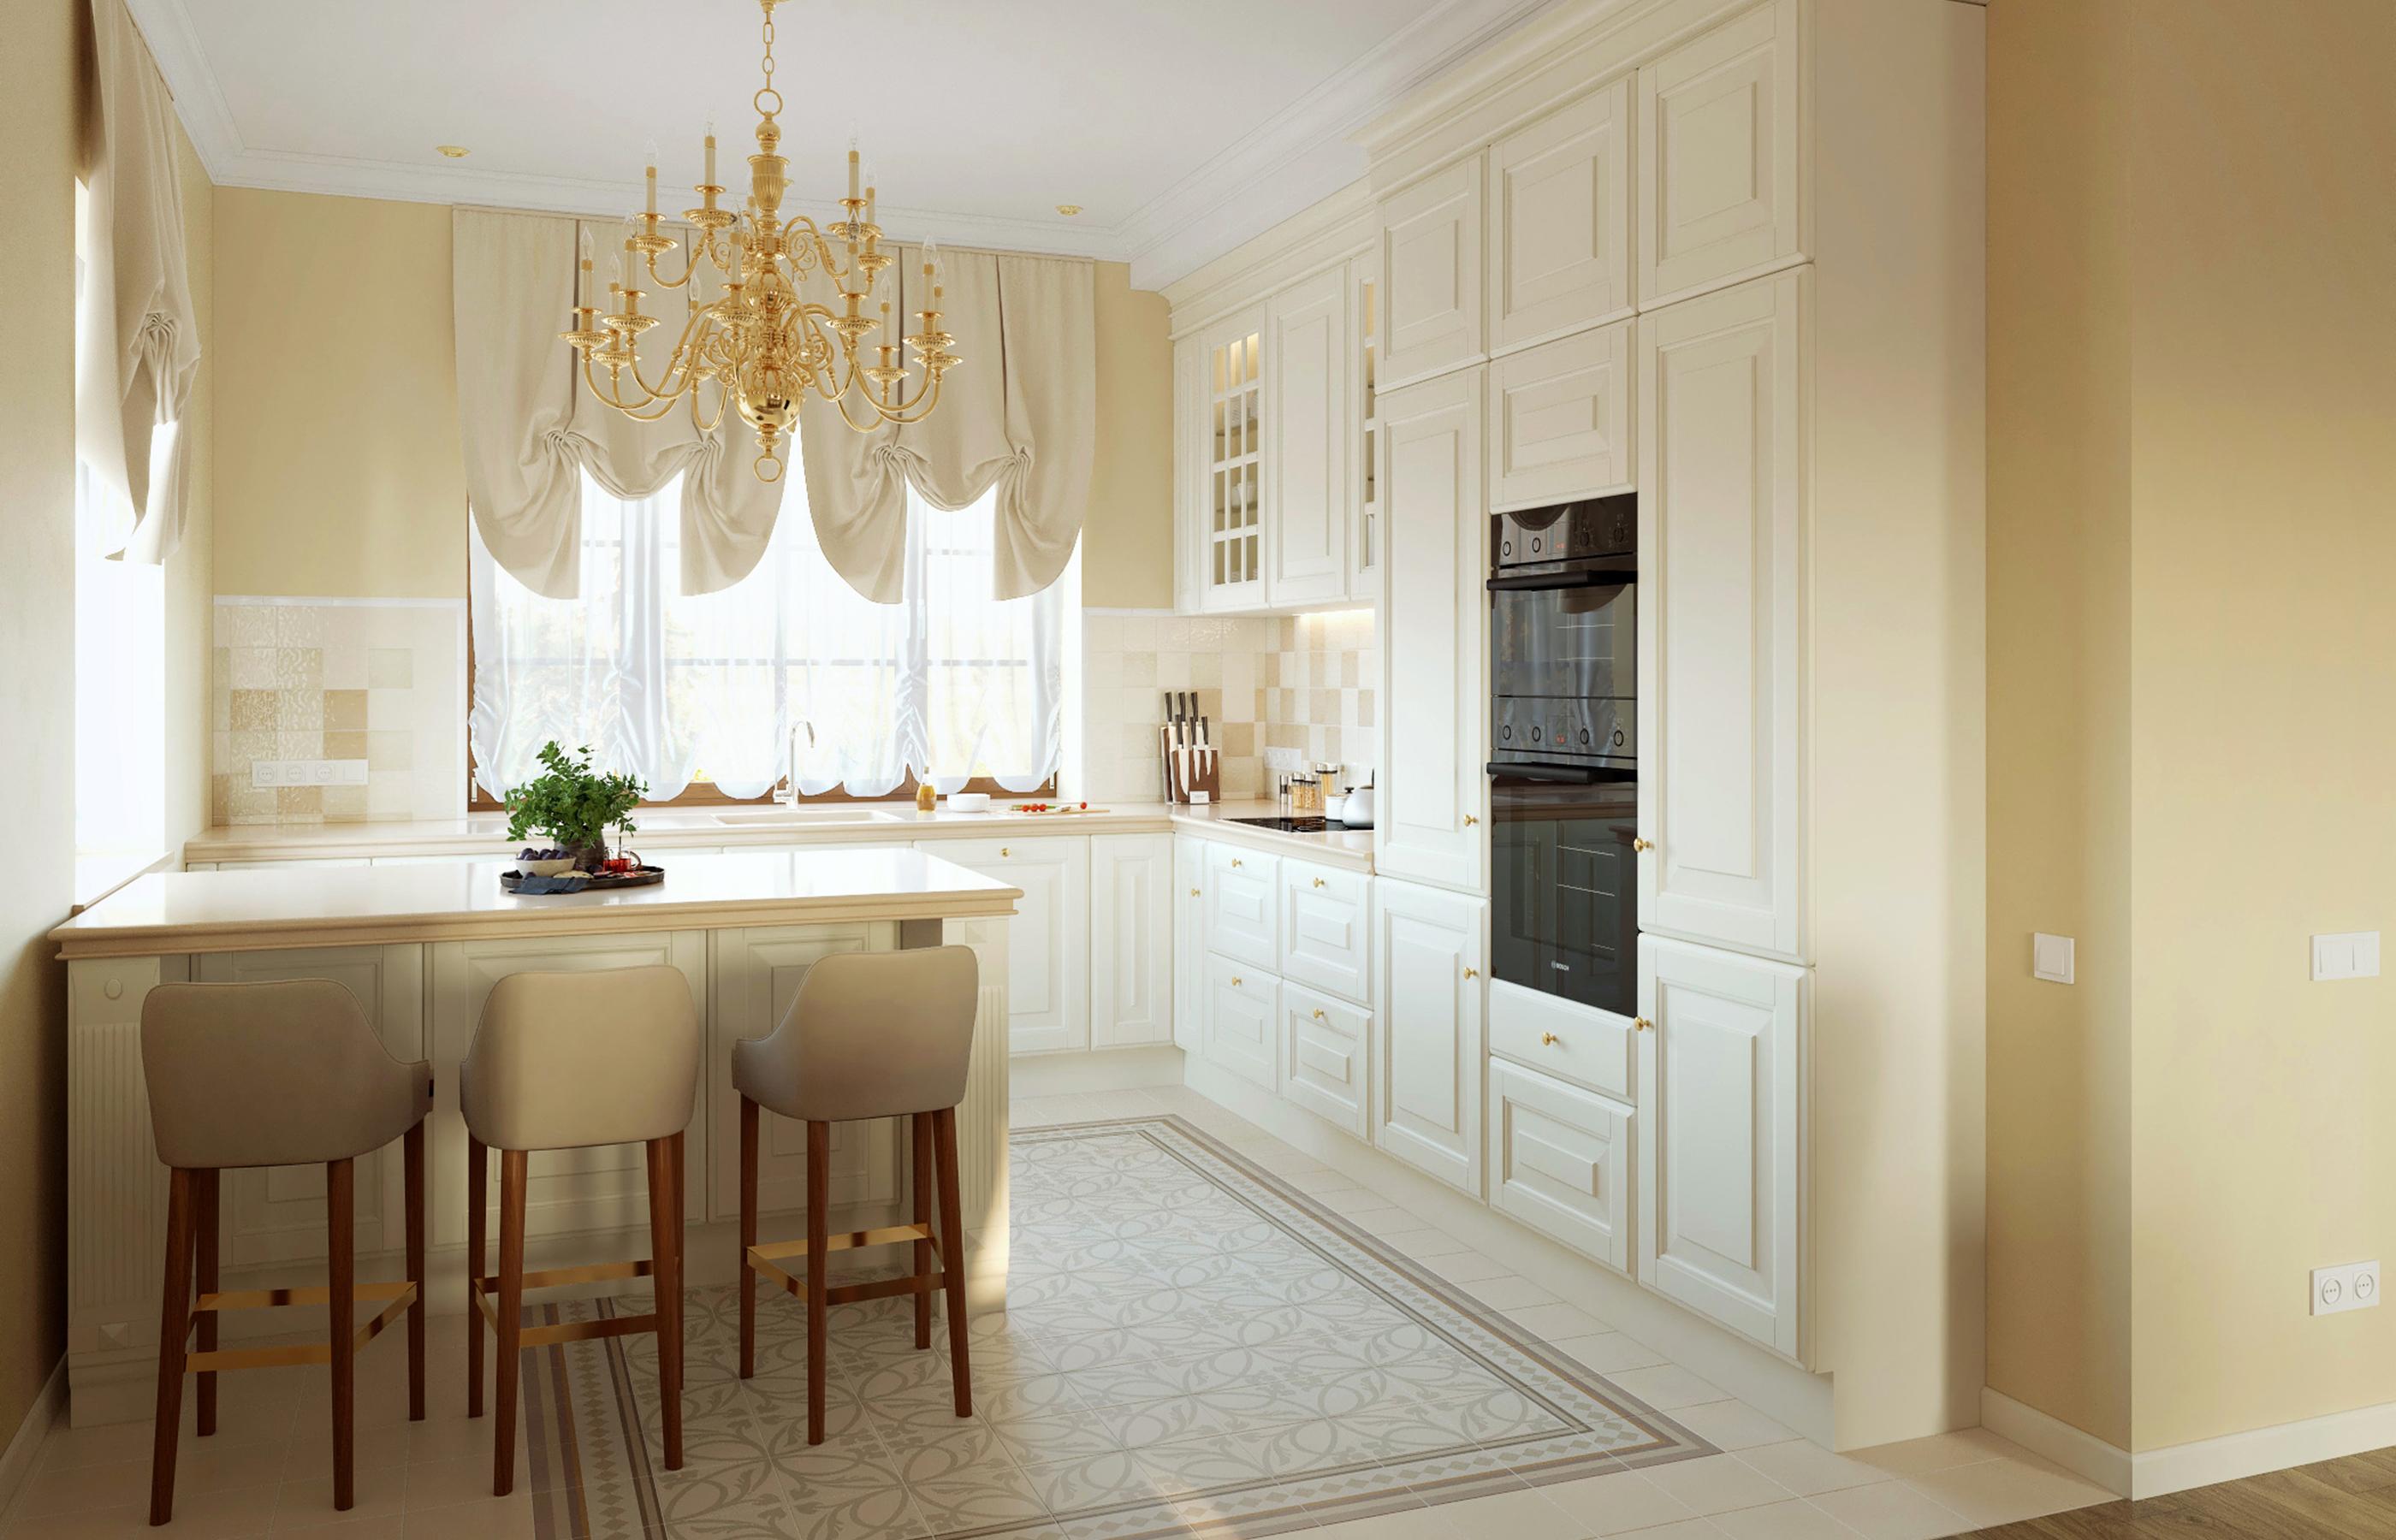 Интерьер кухни с мебелью от итальянской фабрики Scavolini